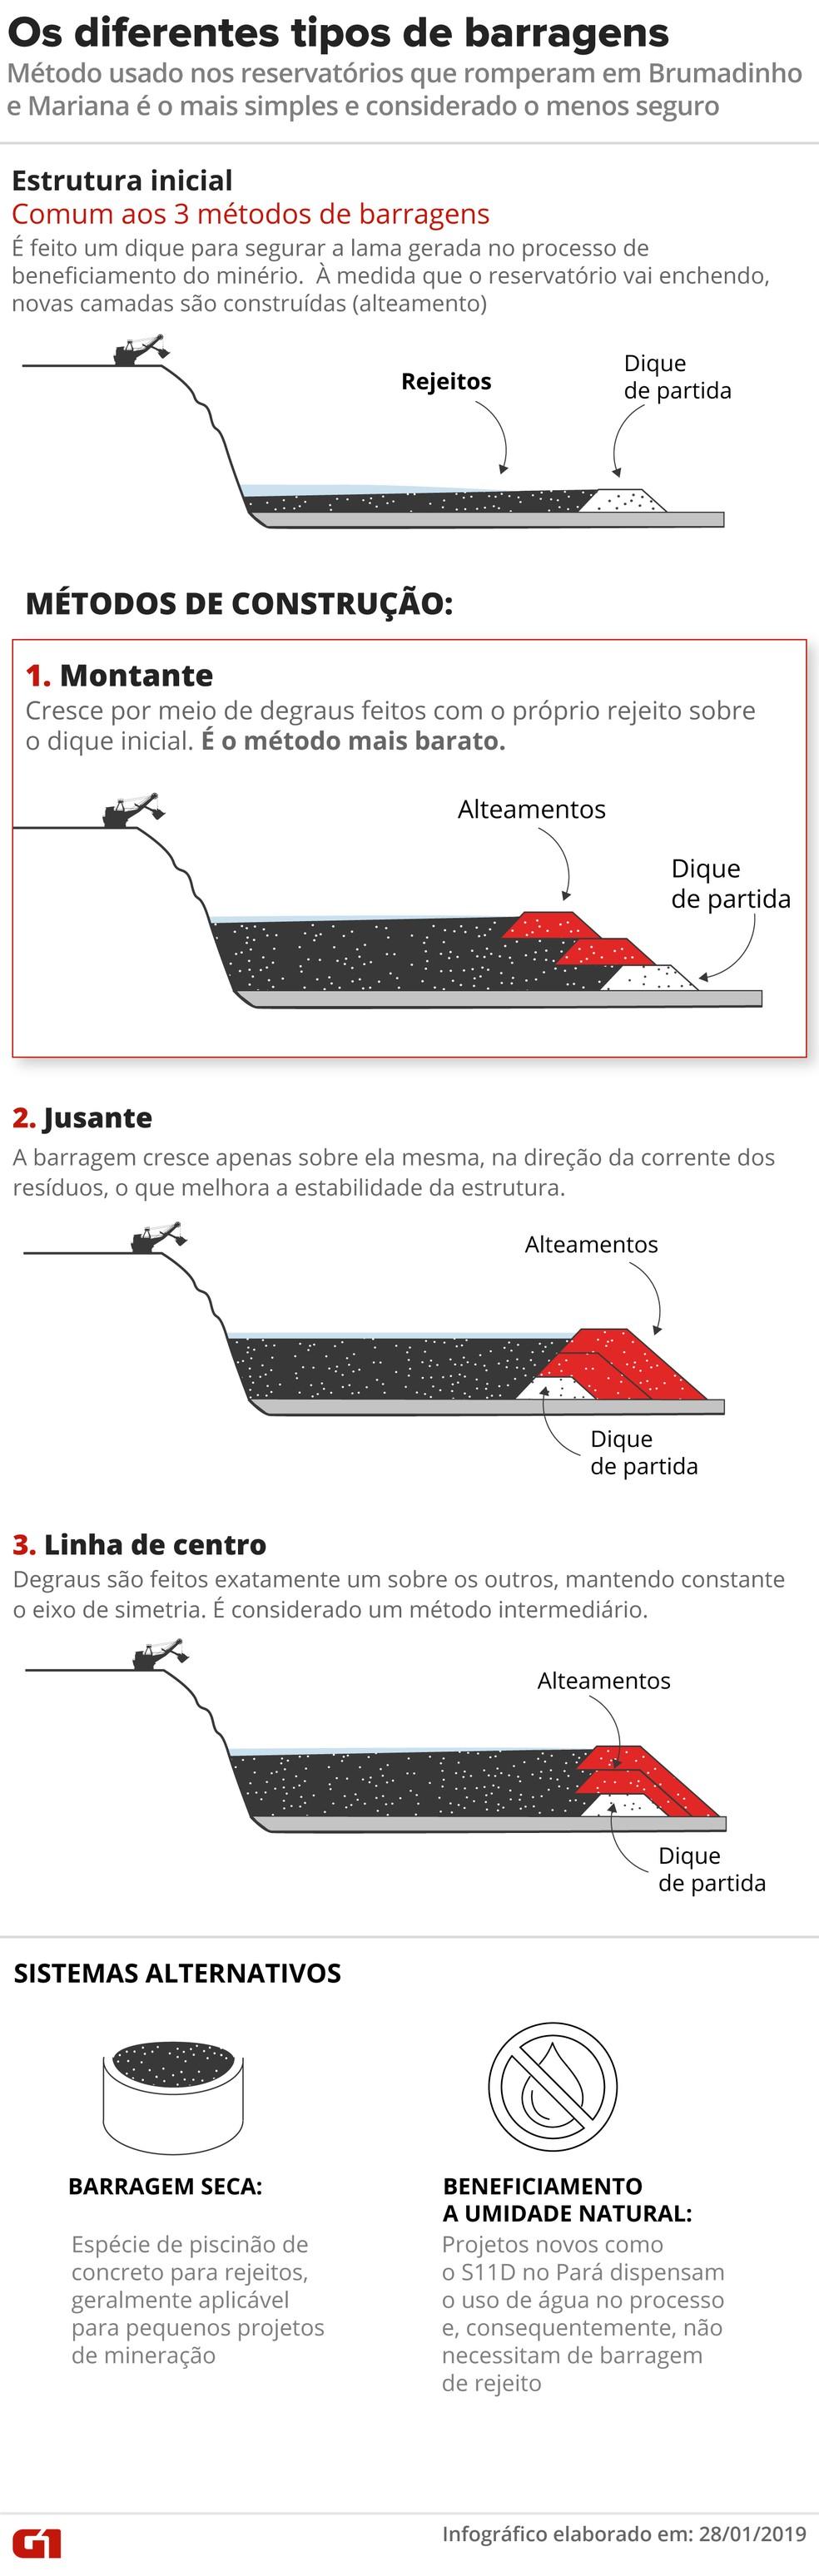 Como funcionam as barragens de minera��o � Foto: Alexandre Mauro/G1